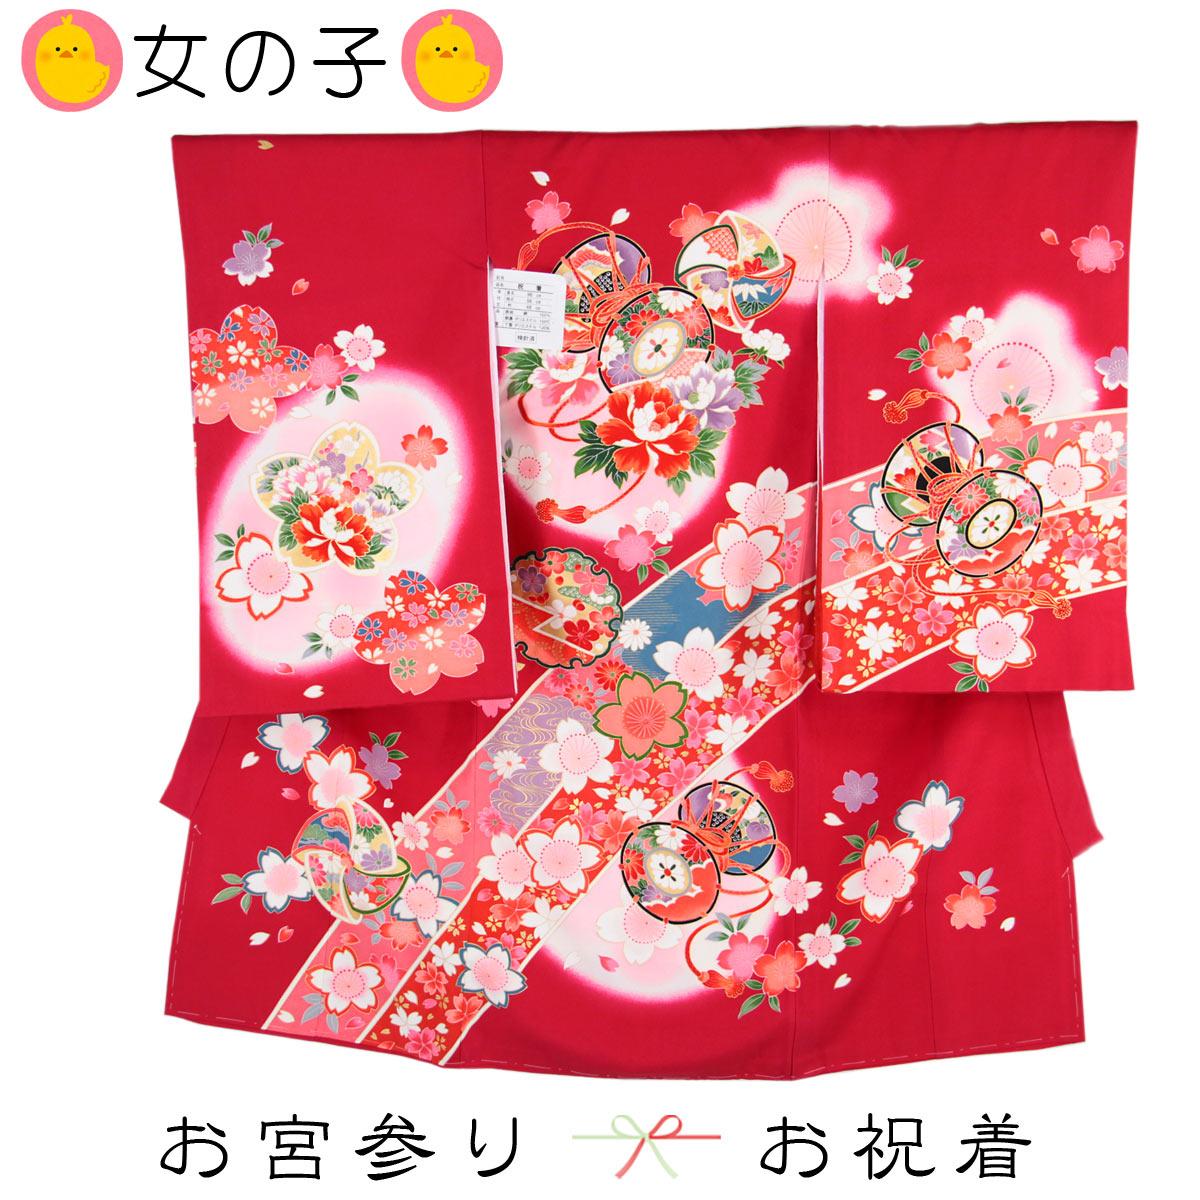 宮参り着物 -47- 祝着 お宮参り 女の子 初着 百日祝い 日本製 赤 鼓 牡丹 桜 花柄